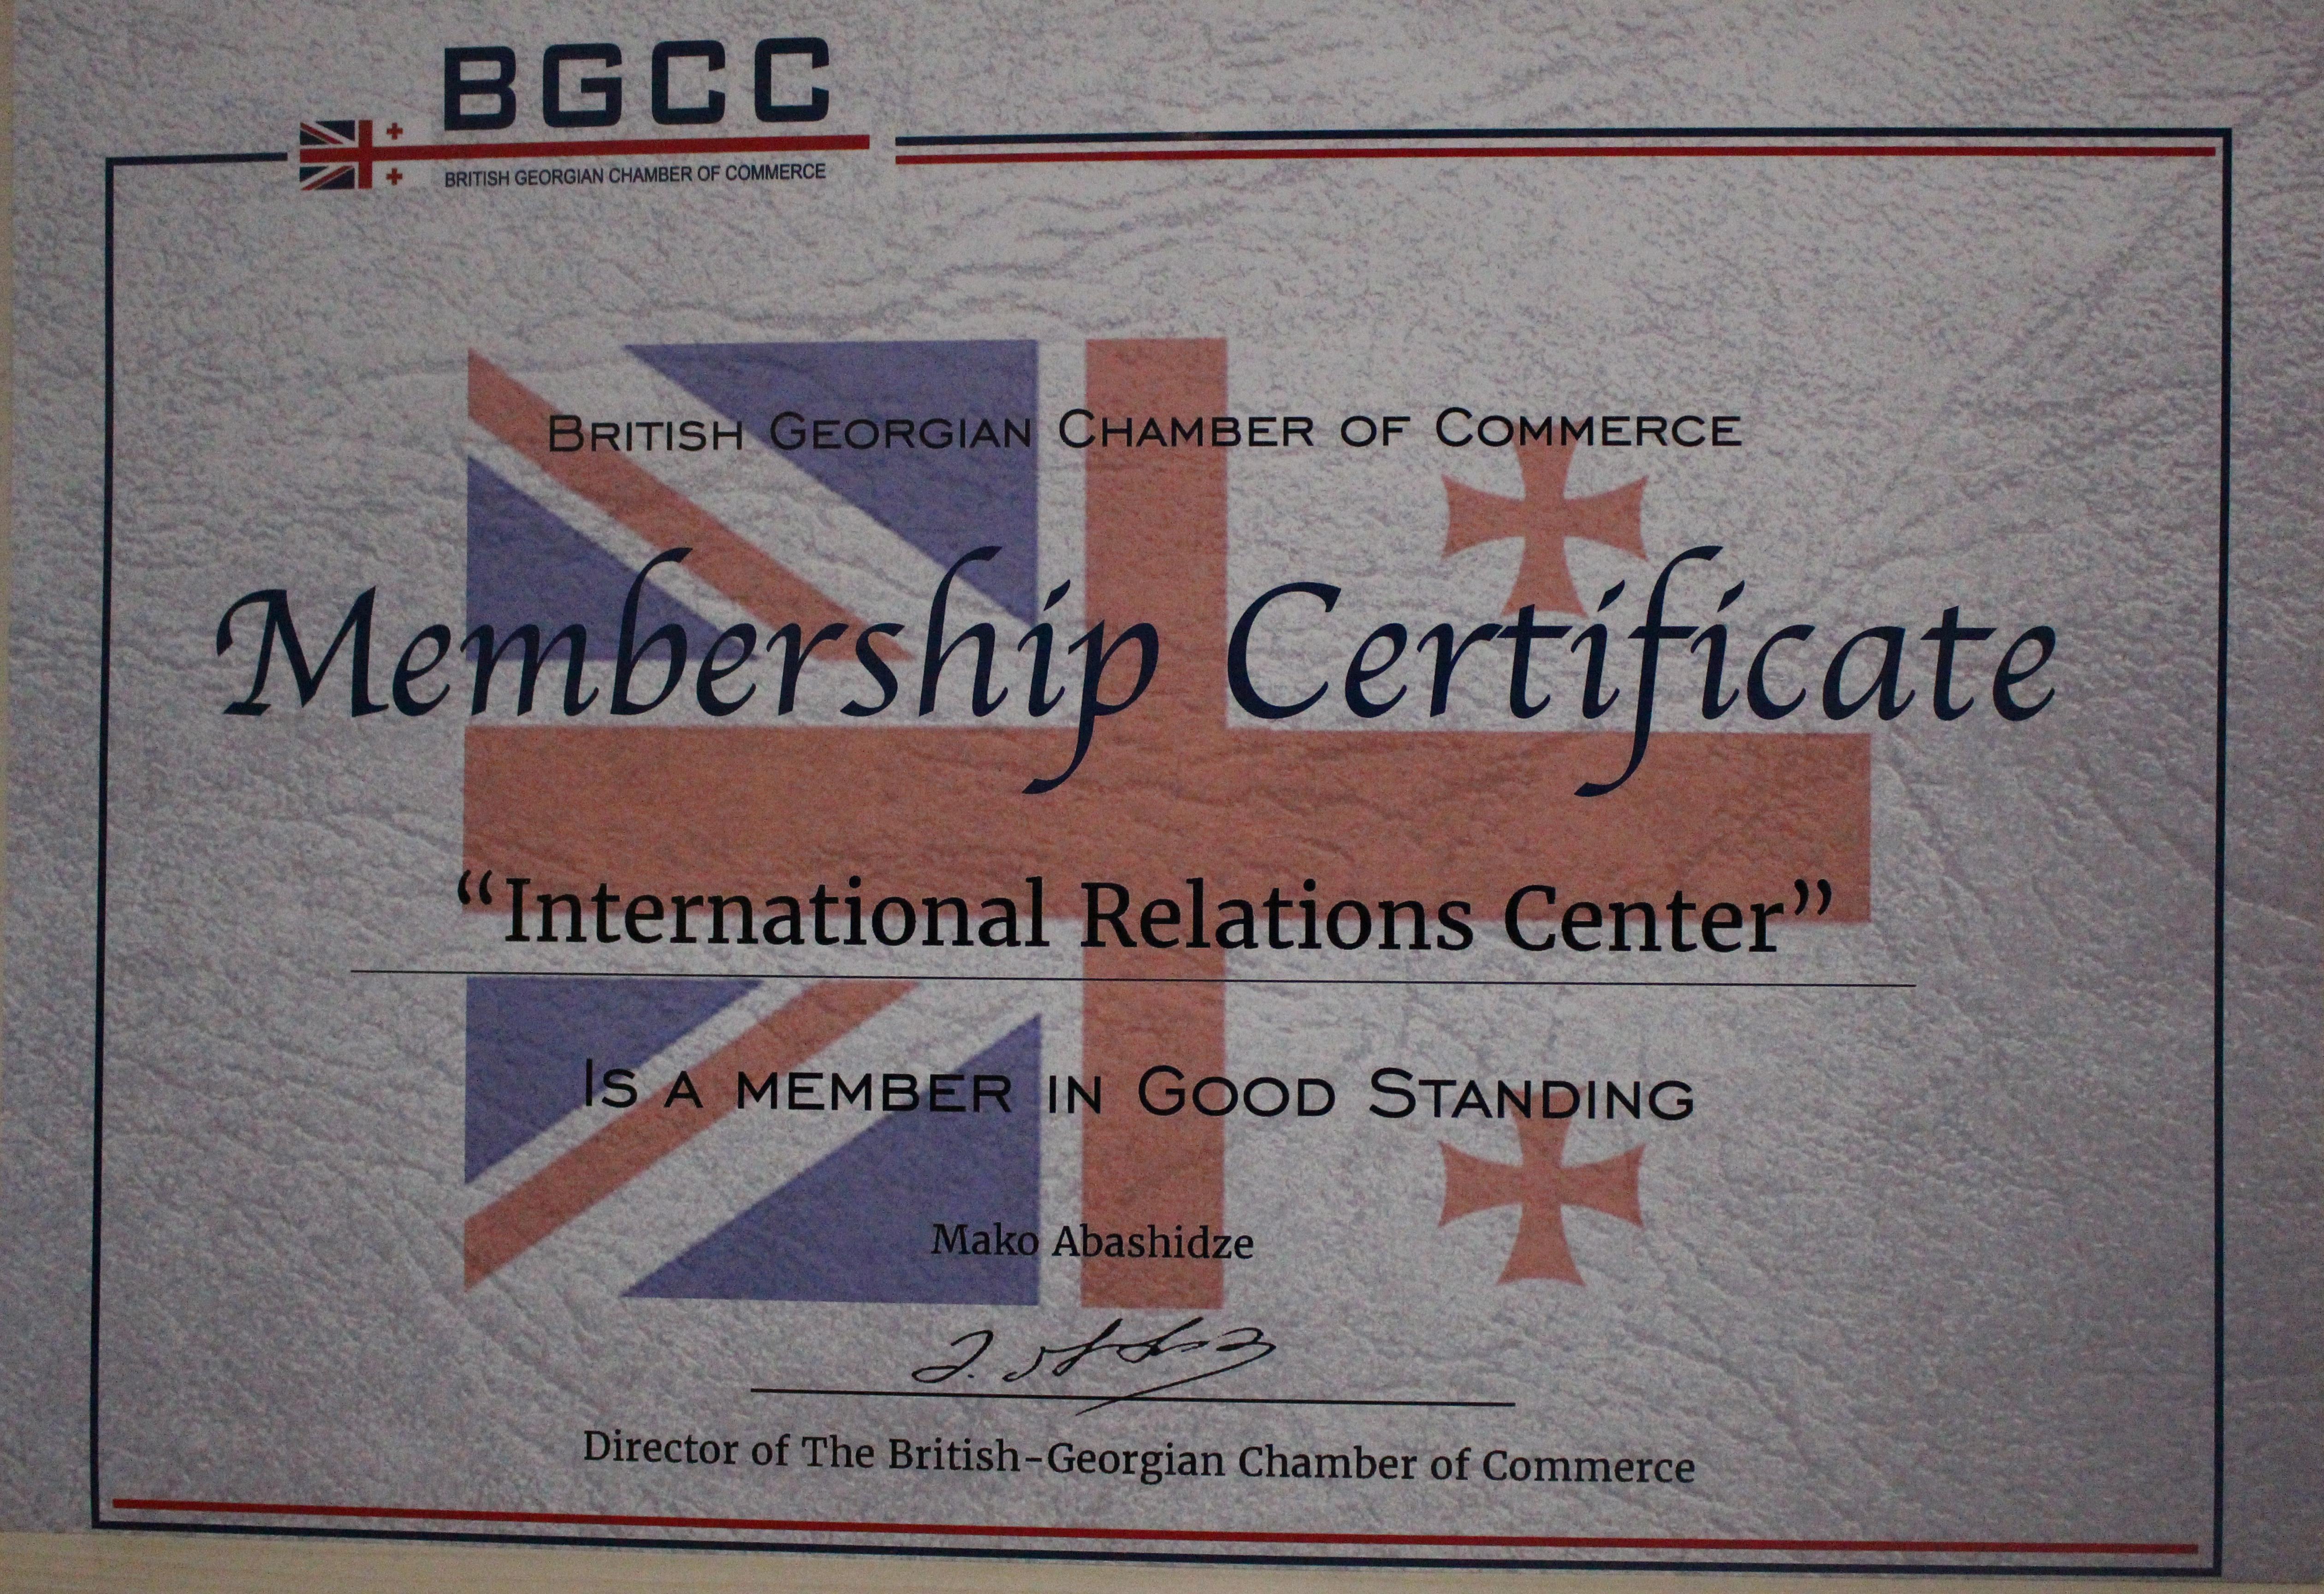 IRC BGCC-ის წევრი და ექსკლუზიური პარტნიორია